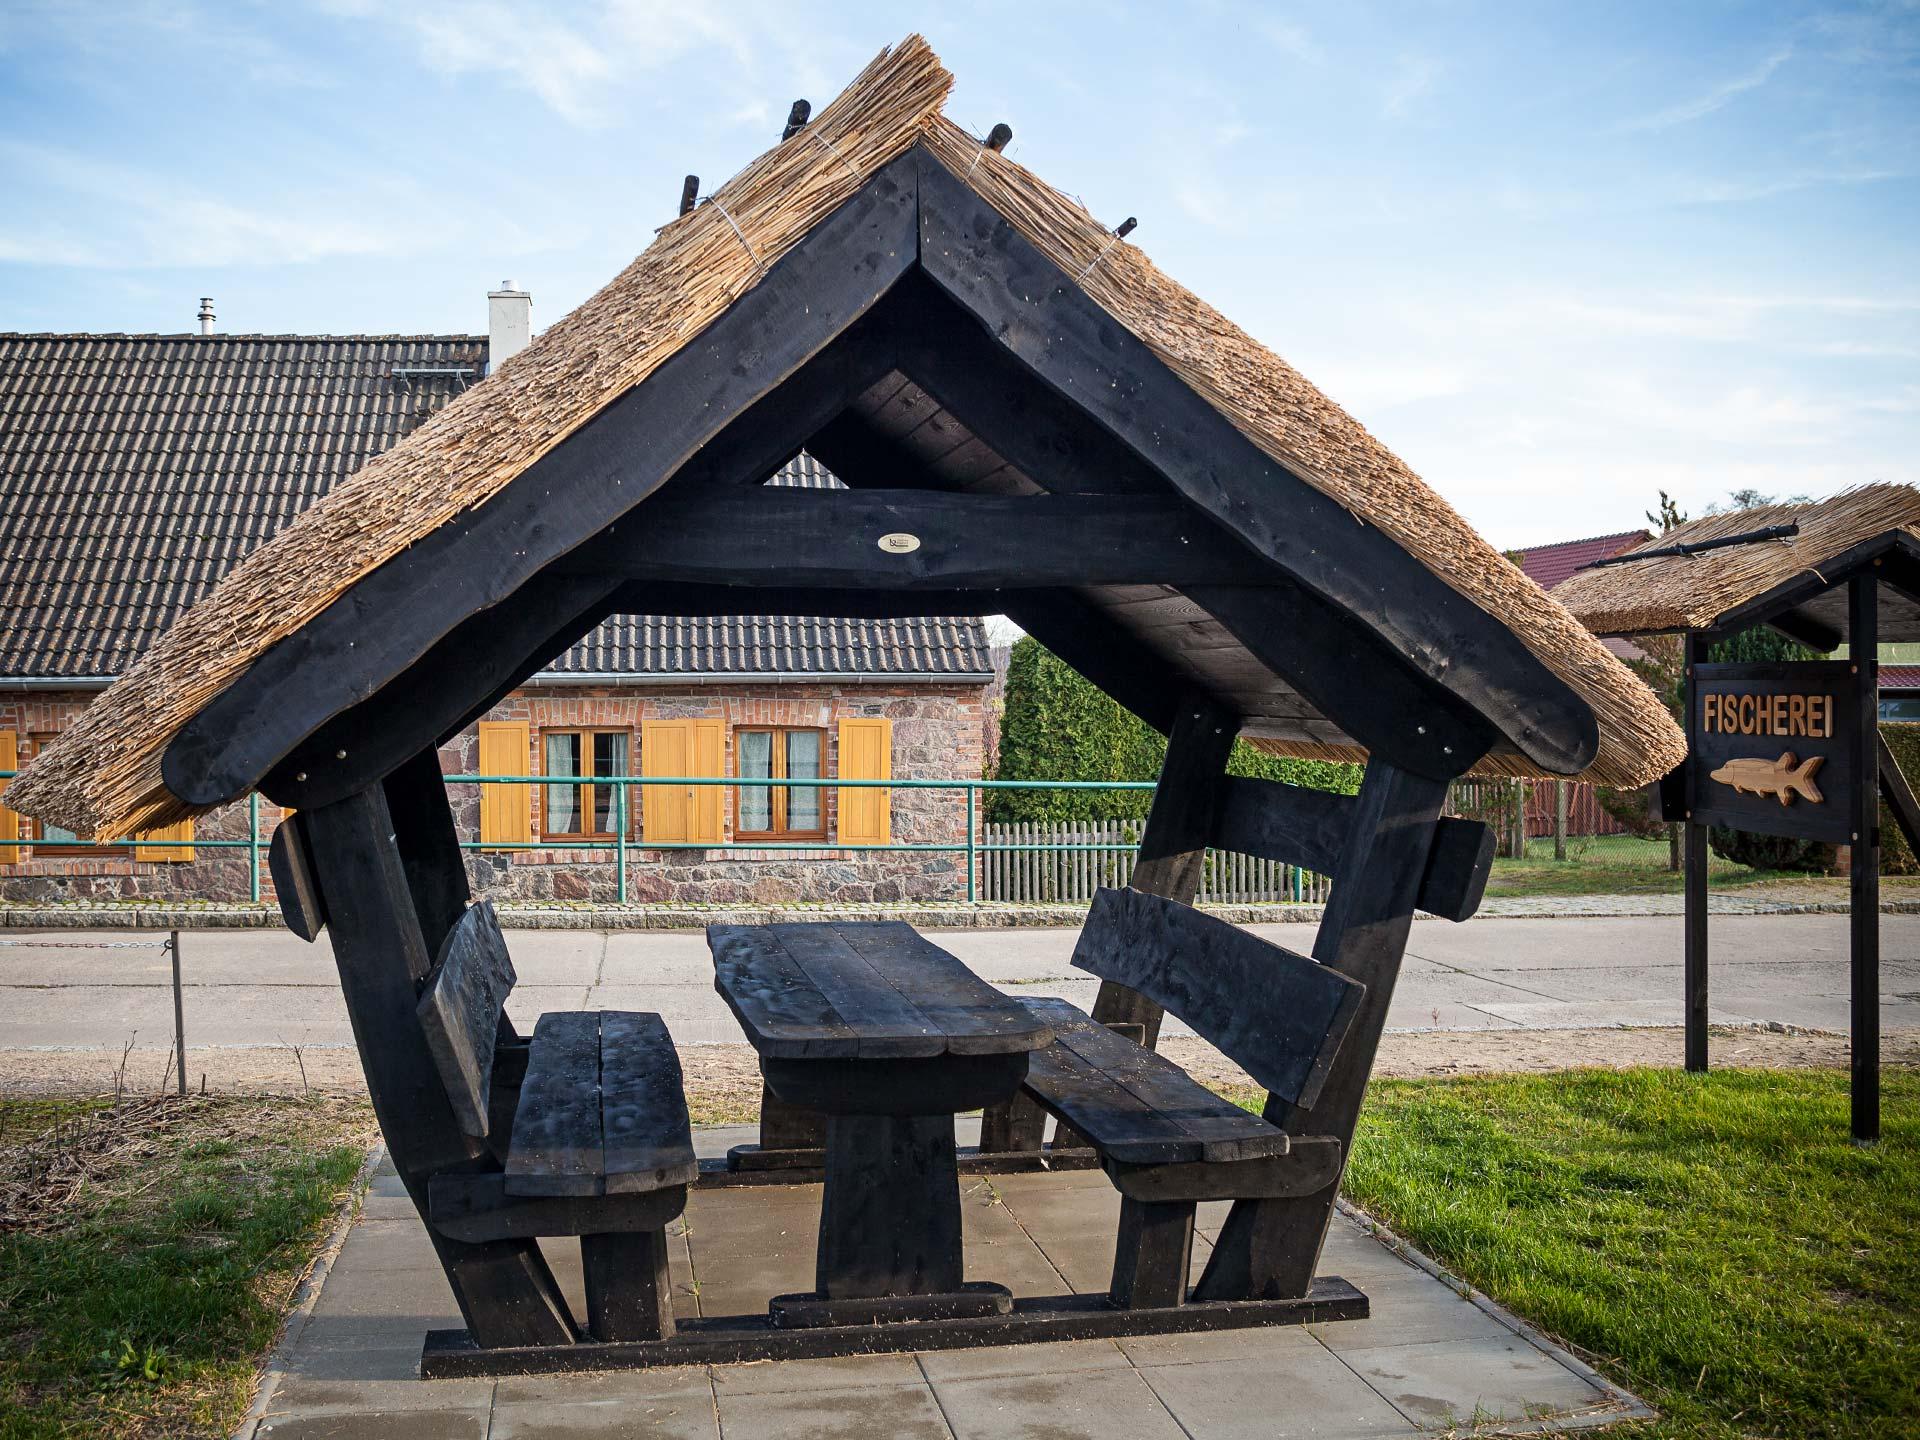 pavillon_fischer_brodowin01